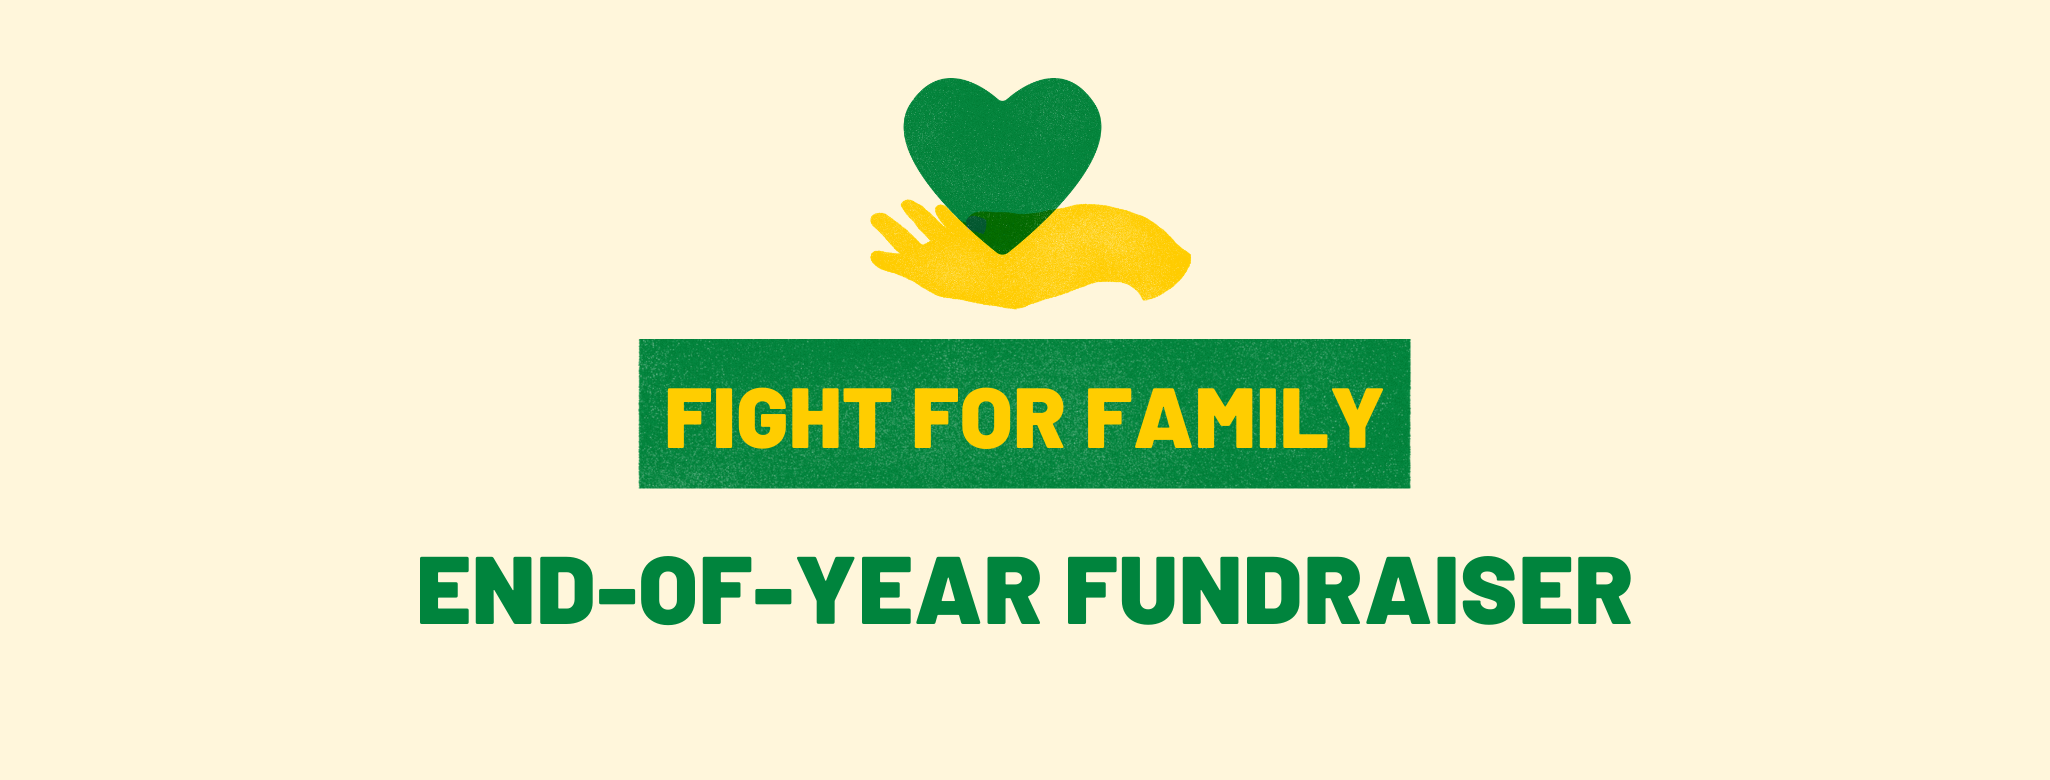 Fundraiser Banner Image